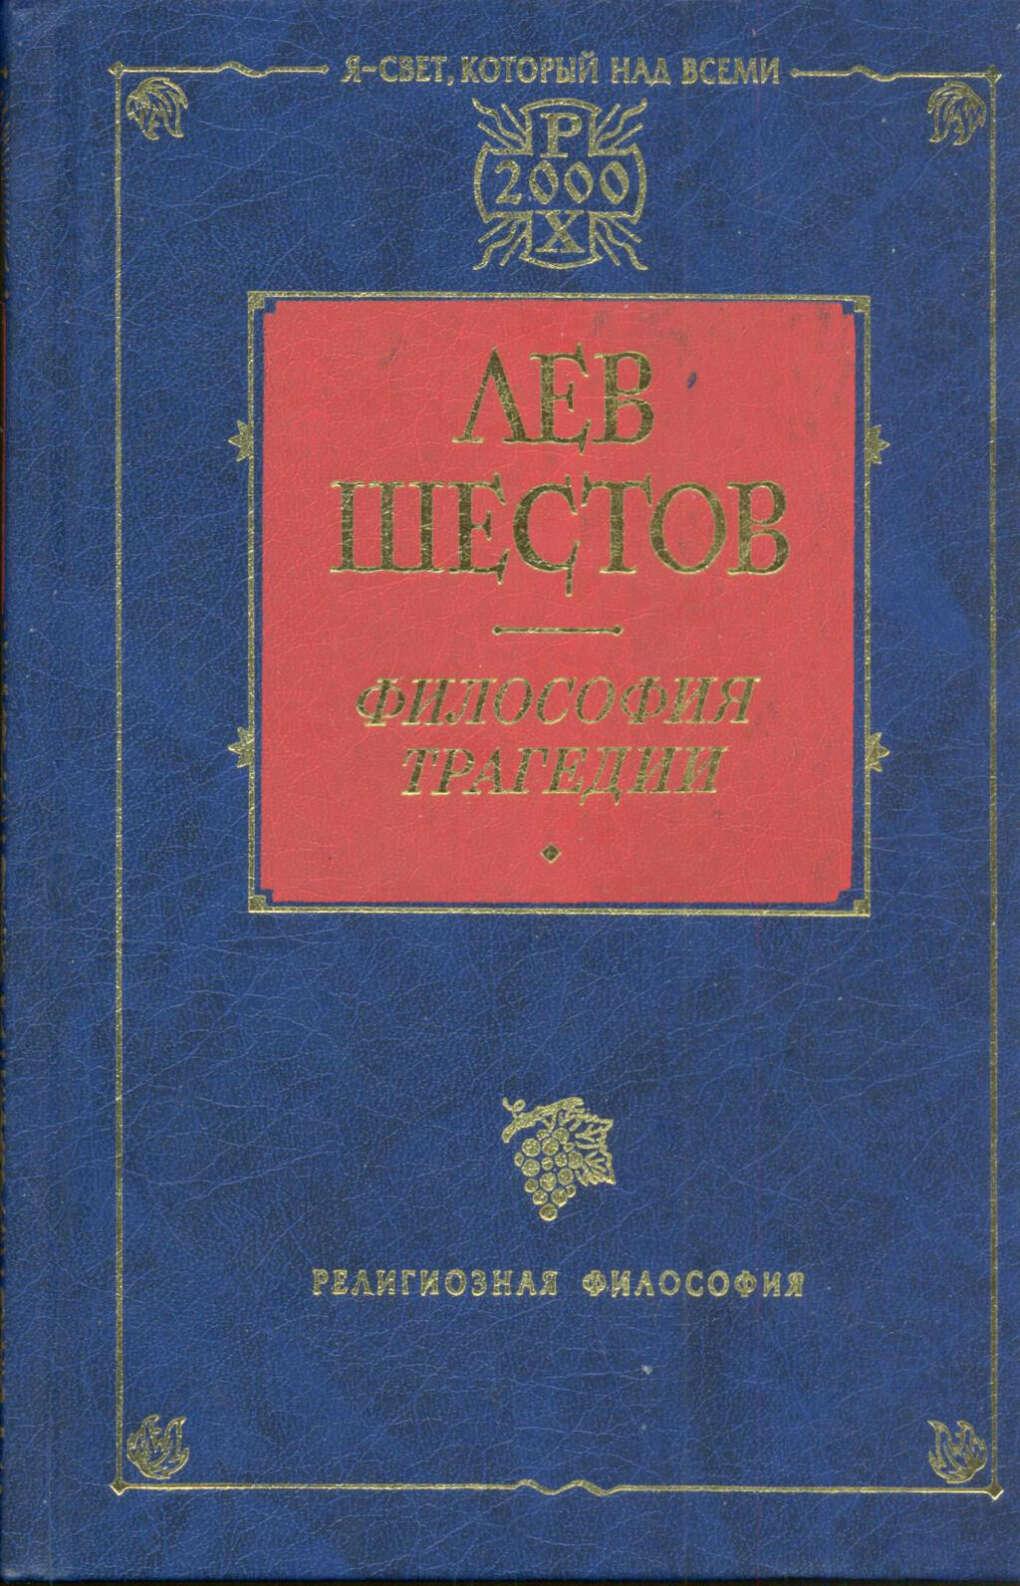 """Лев Шестов """"Философия трагедии"""""""